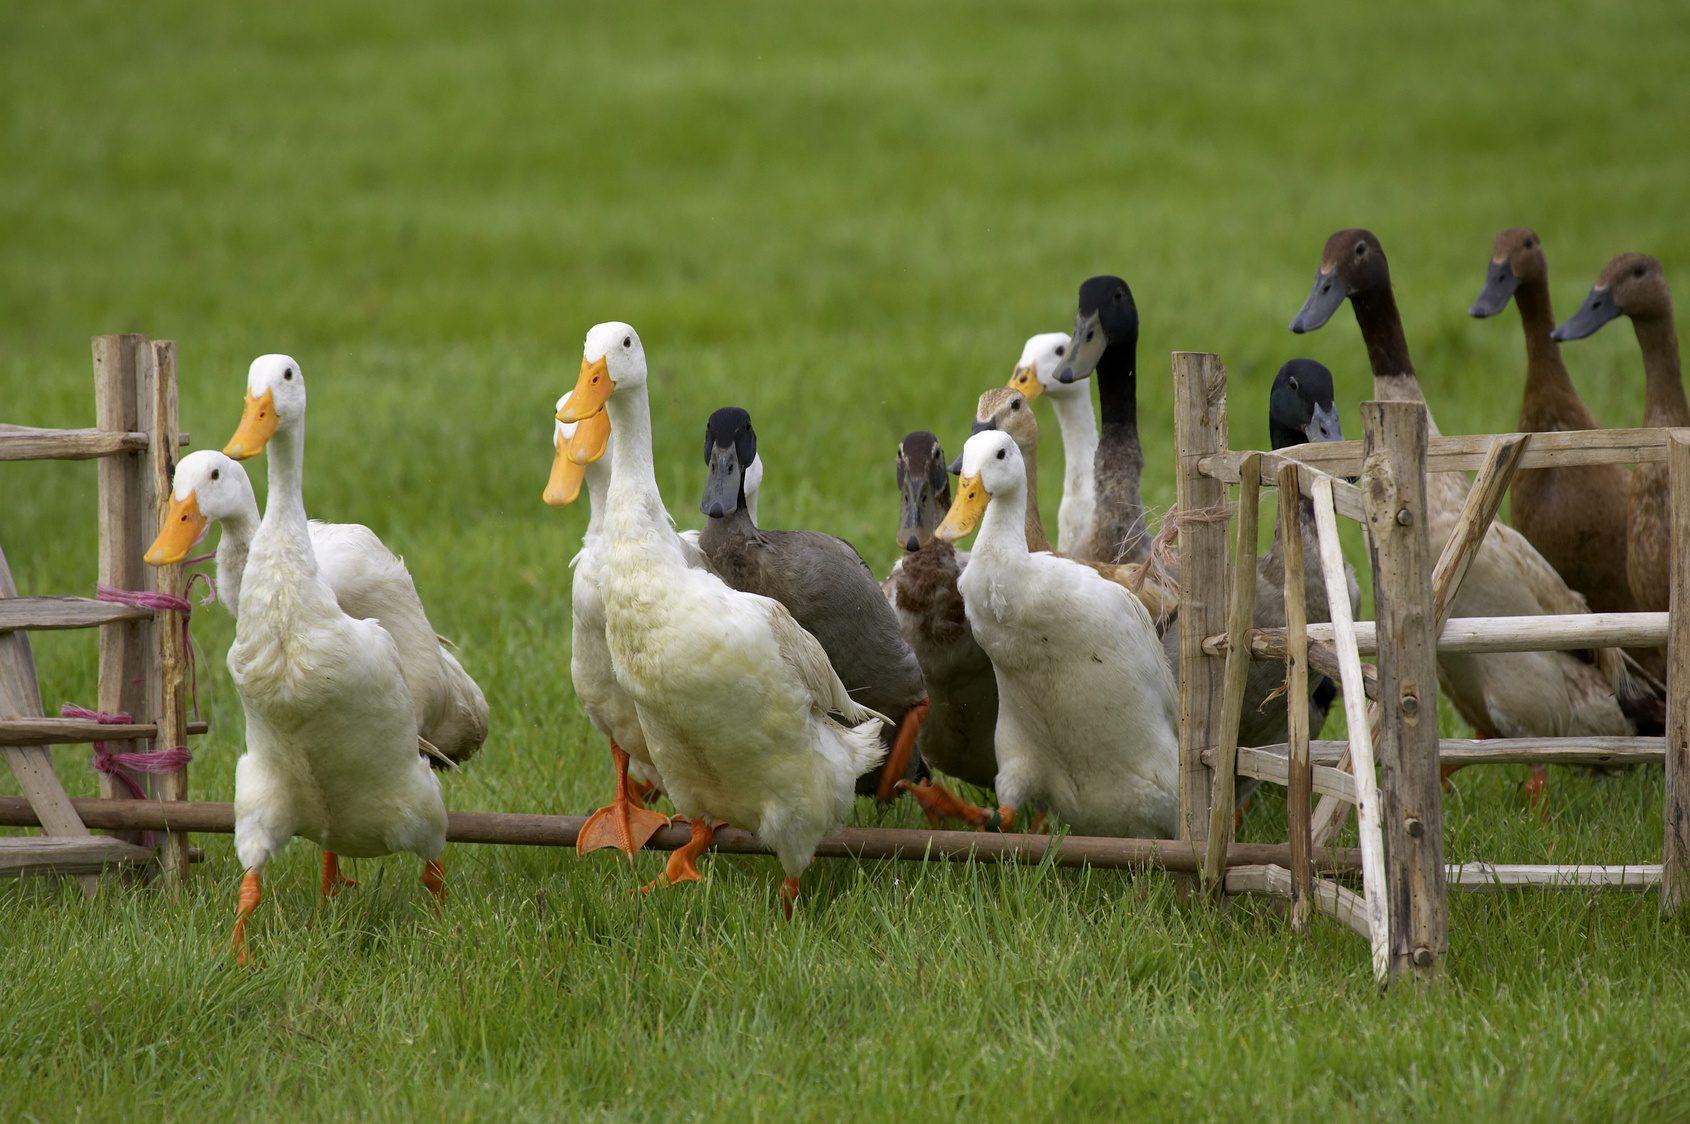 Notre planète : 1ère journée mondiale contre le foie gras